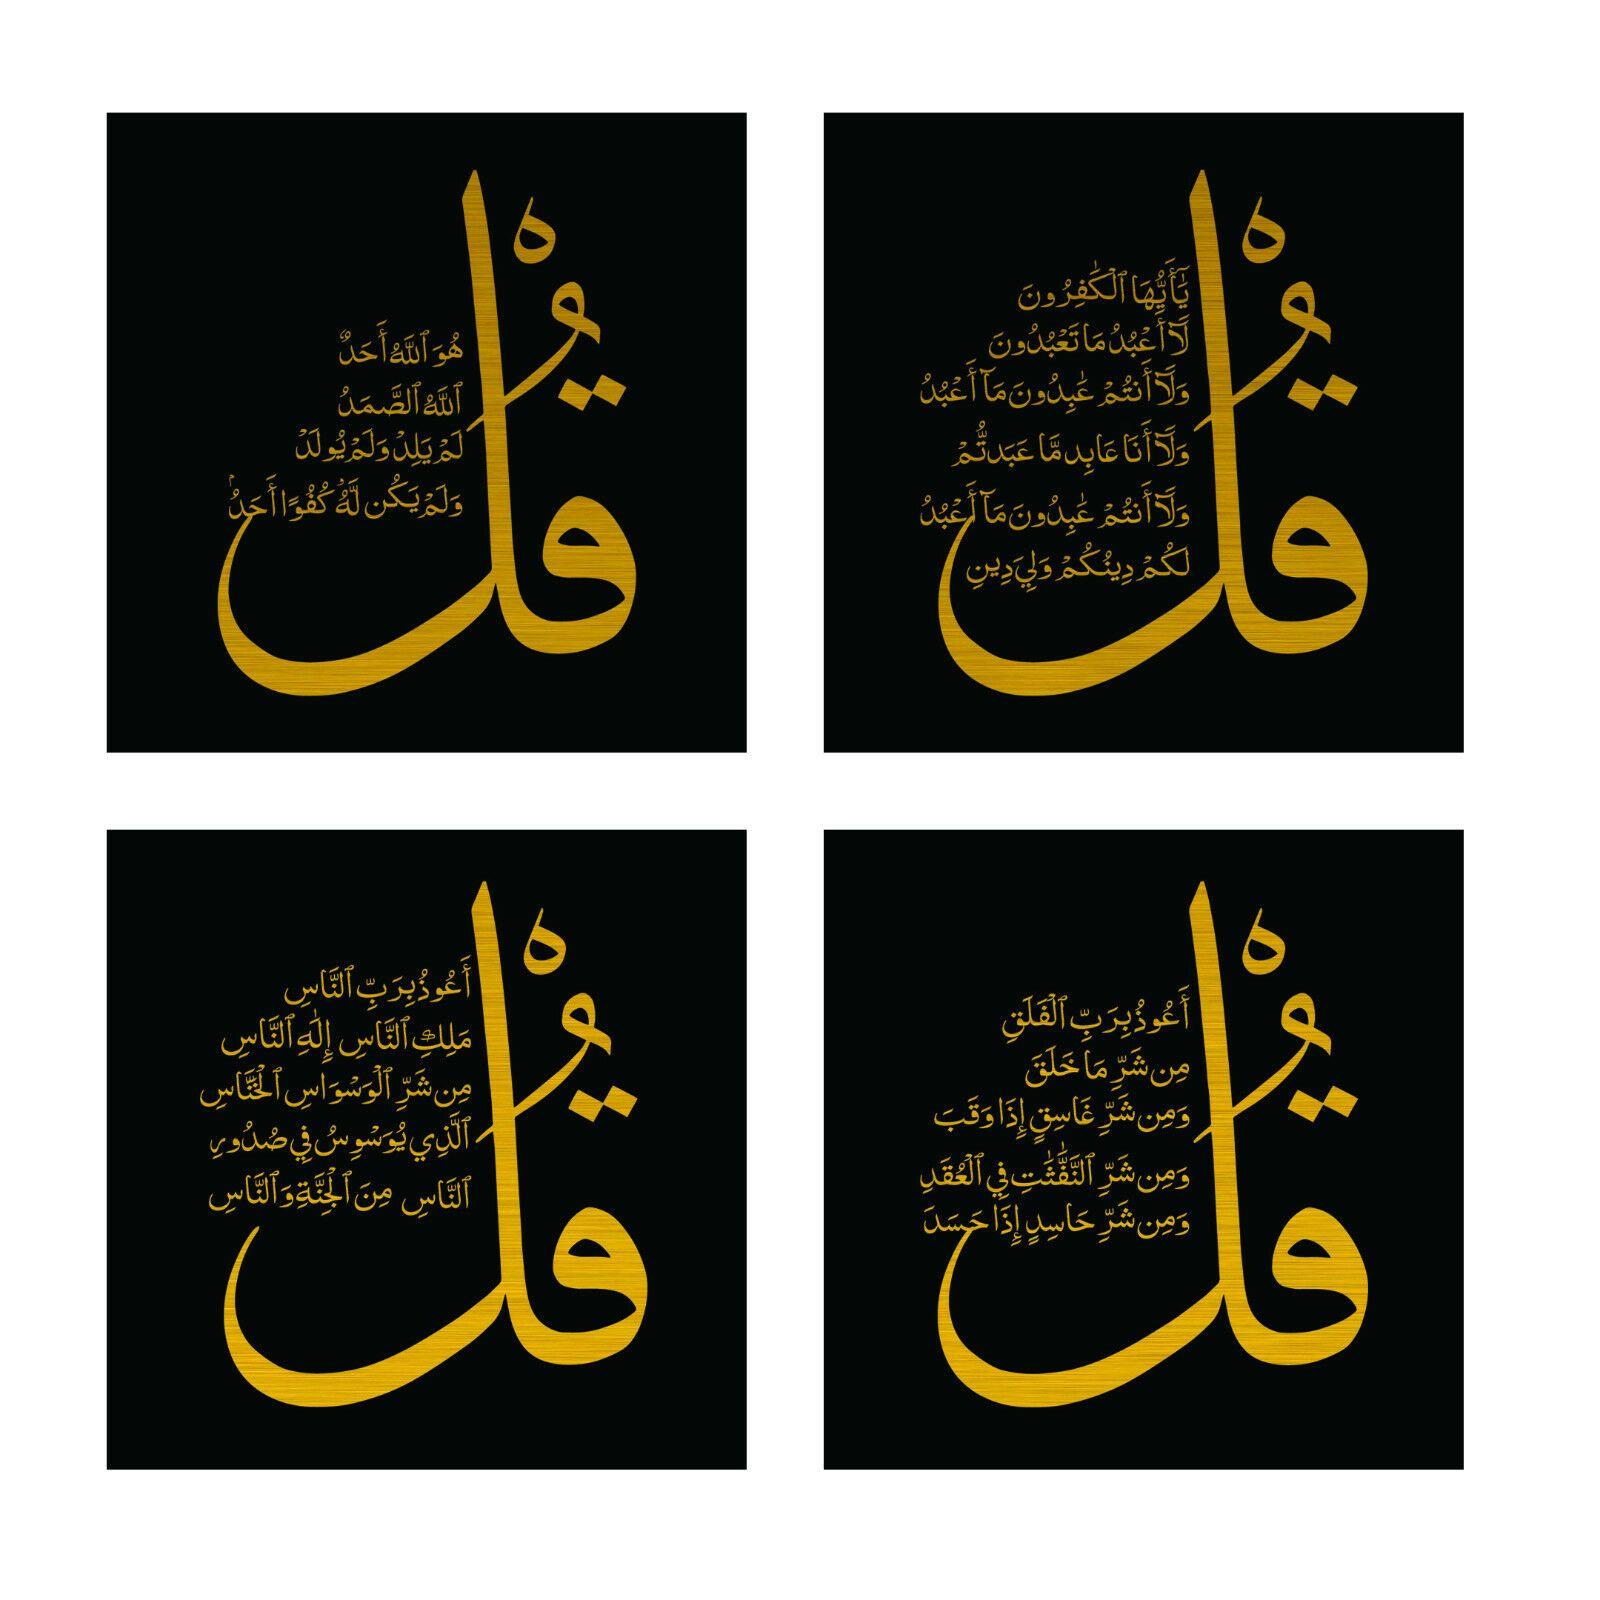 4 Panel Qul Islamic Wall Art Canvas Xl 50 X50 Quran Black Gold Islamic Wall Art Calligraphy Wall Art Canvas Wall Art